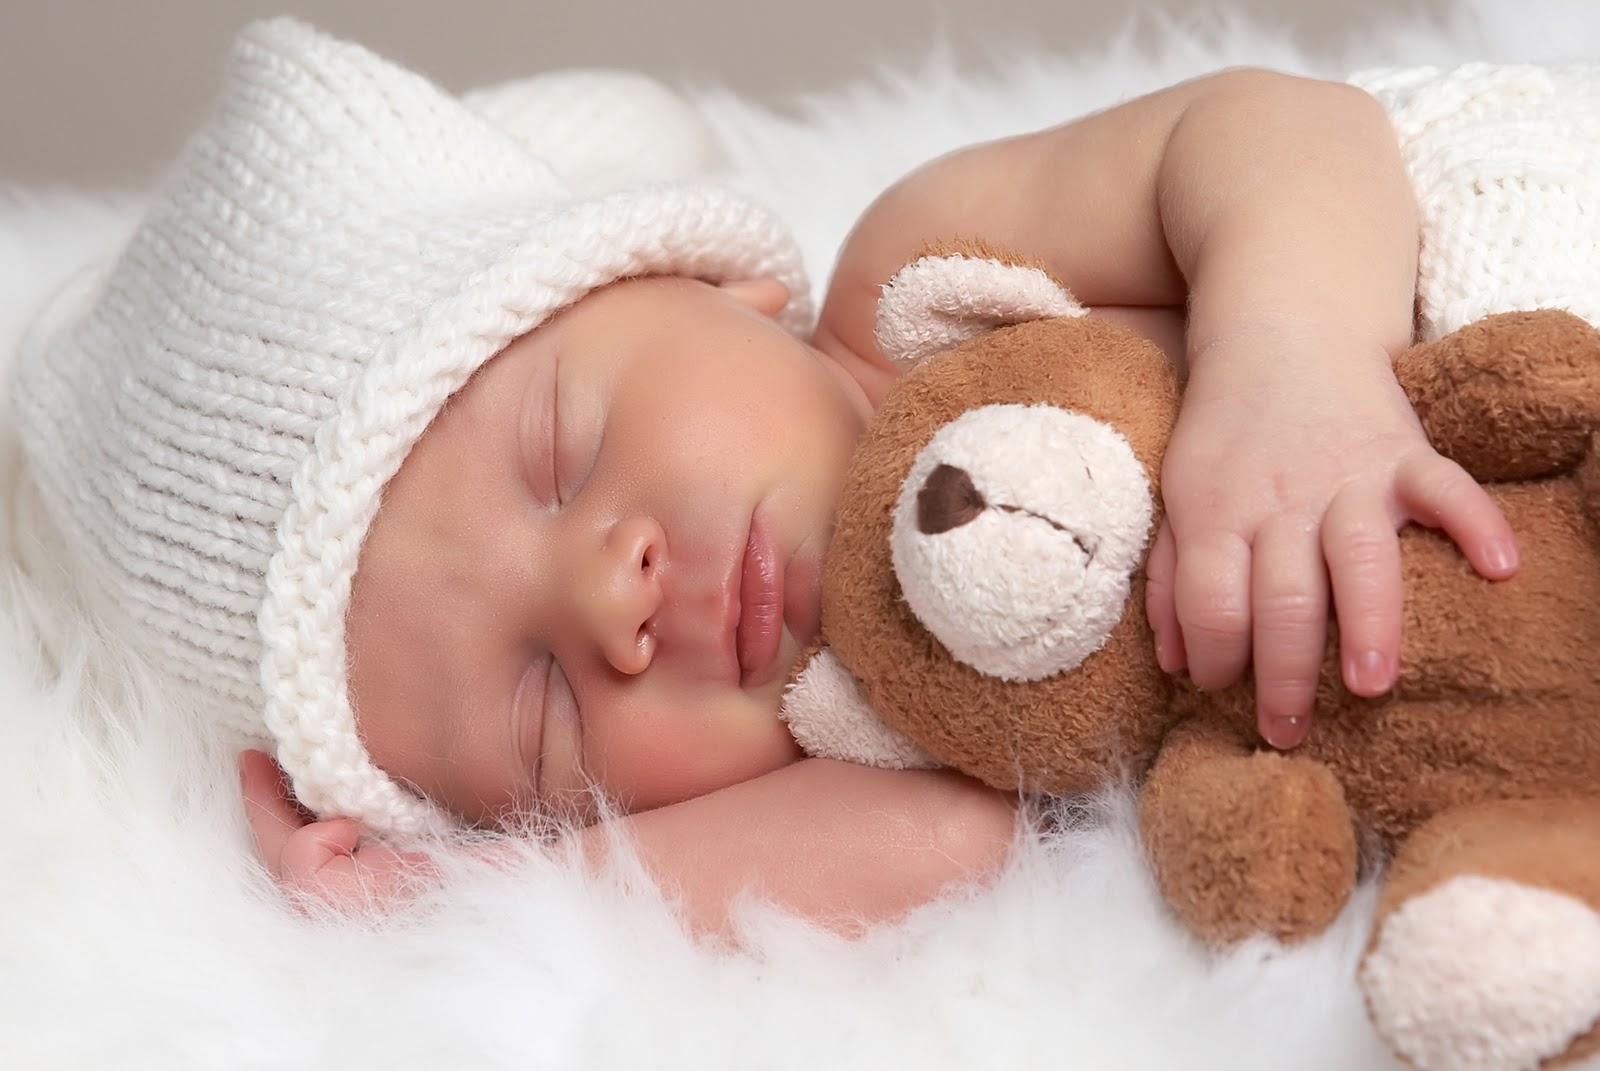 Regalos Utiles Recien Nacidos.5 Regalos Muy Utiles Para Un Recien Nacido